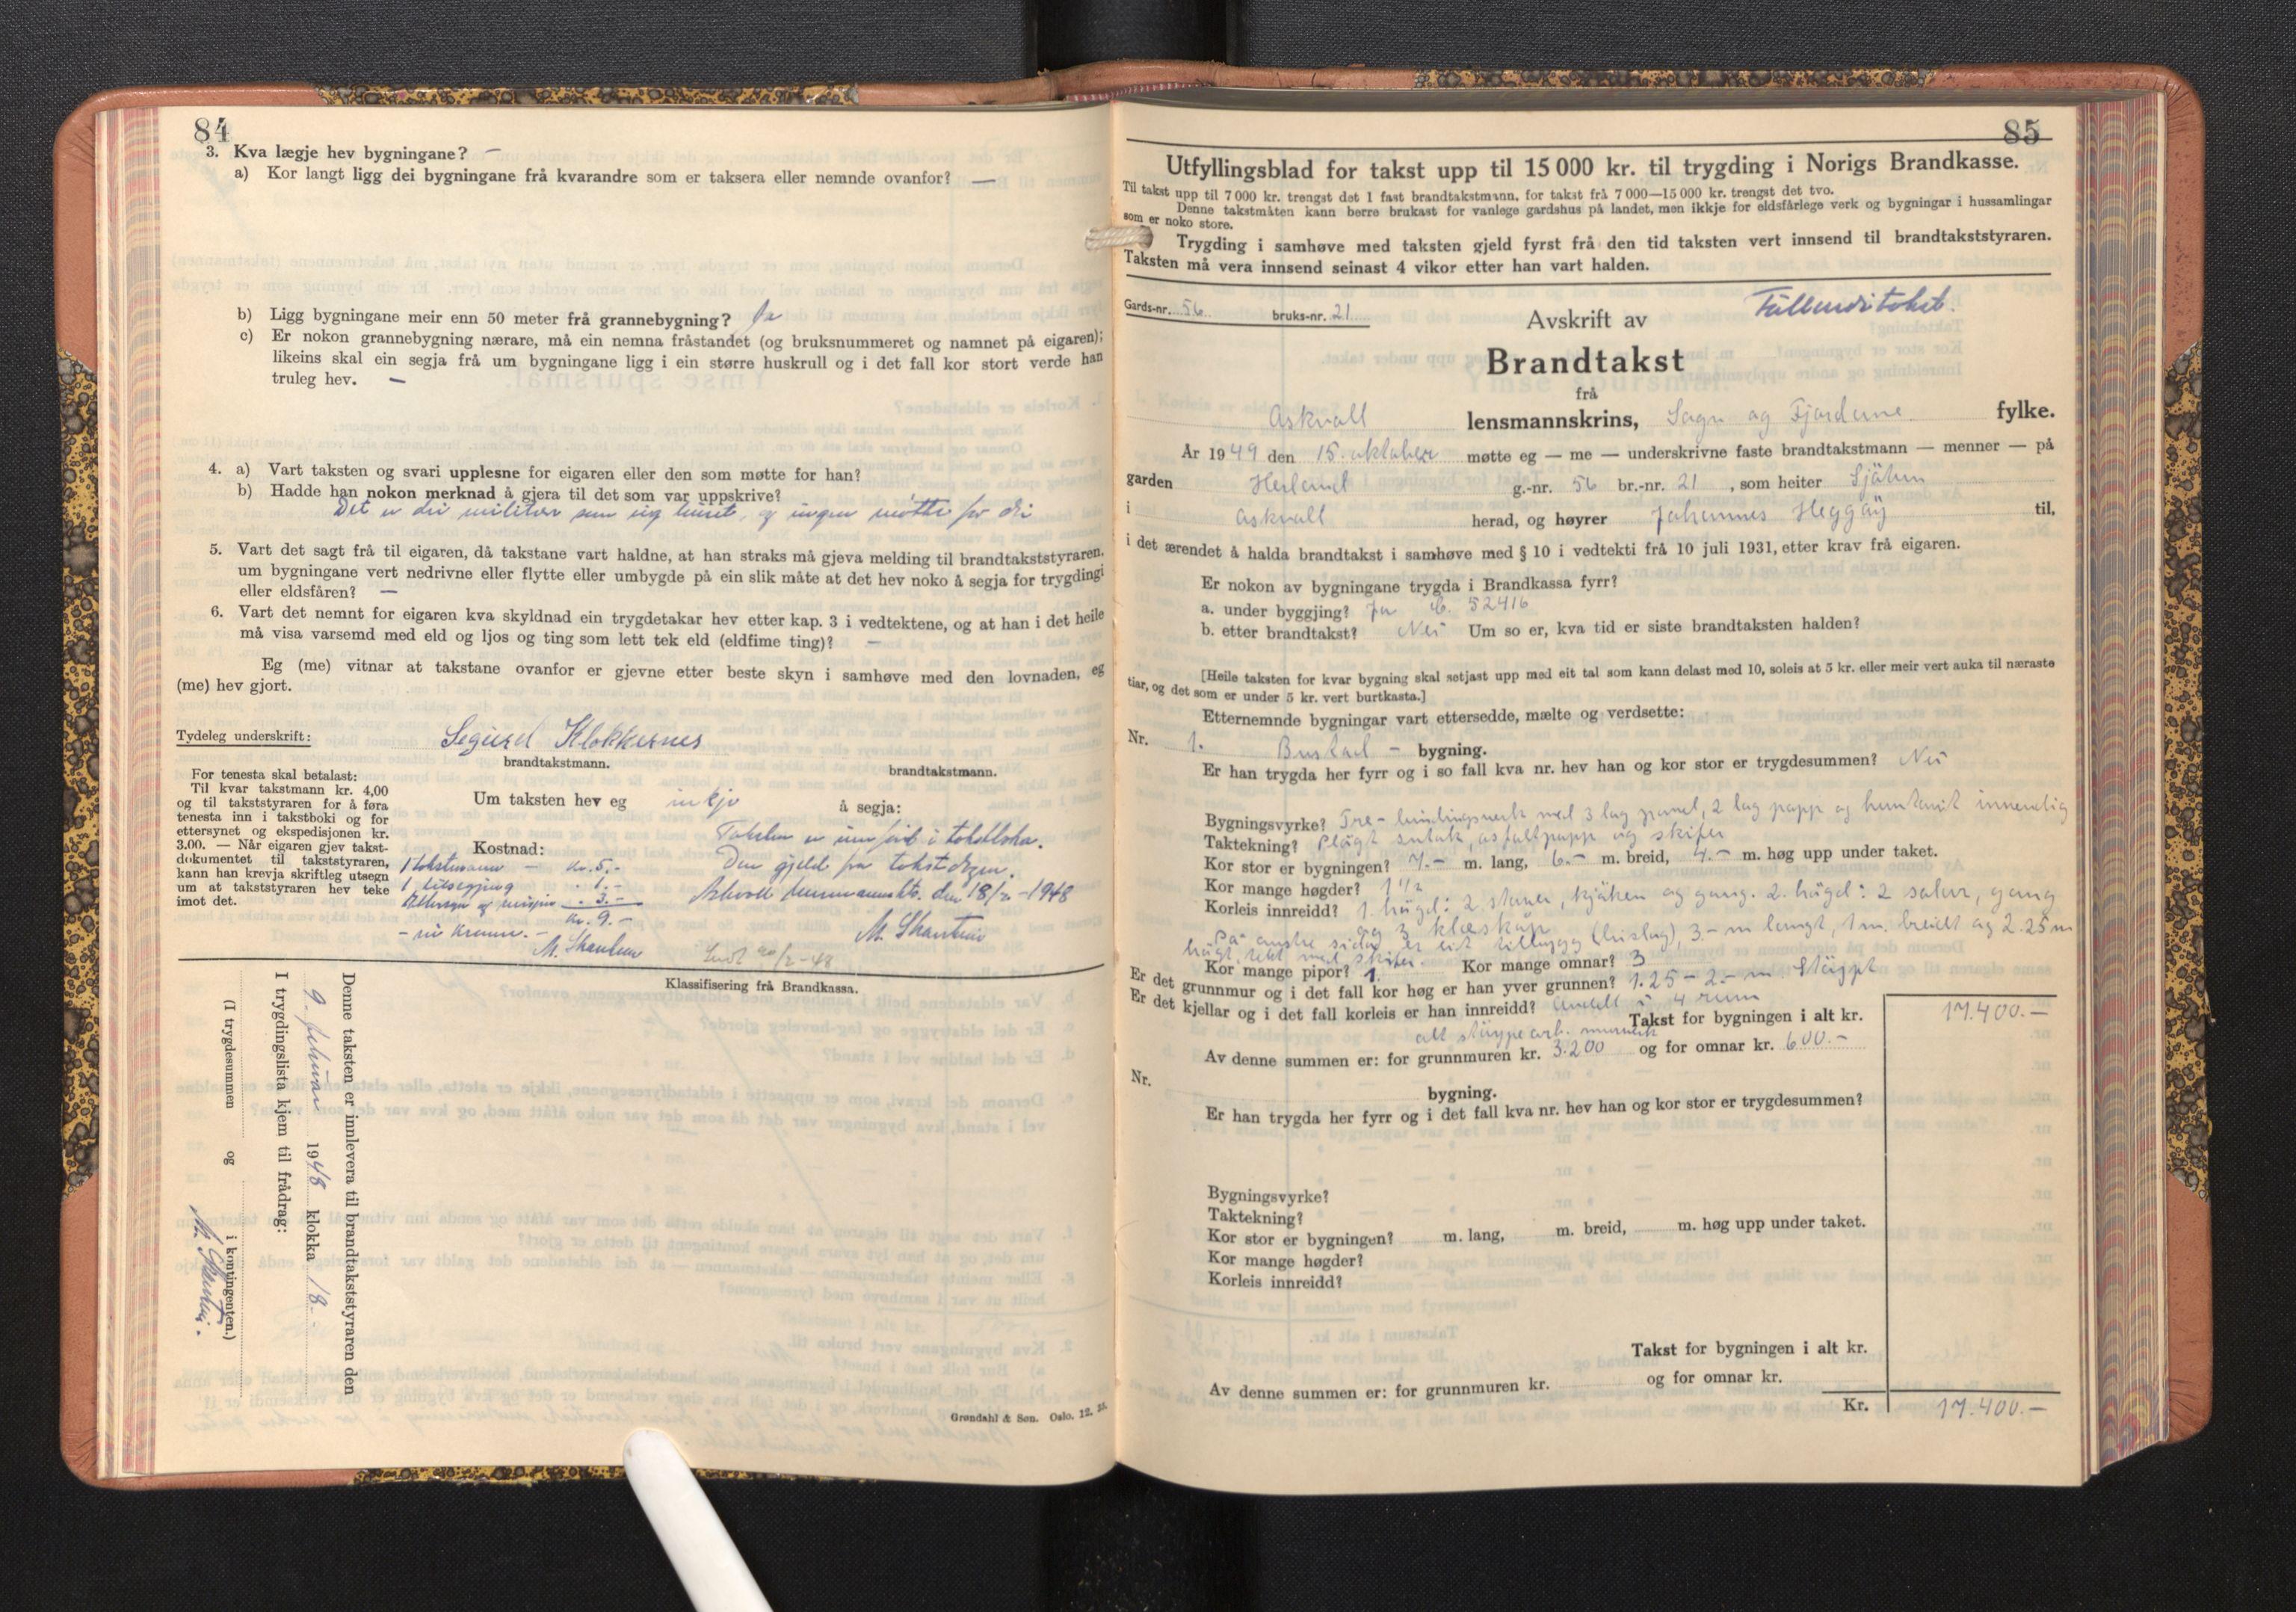 SAB, Lensmannen i Askvoll, 0012/L0005: Branntakstprotokoll, skjematakst, 1940-1949, p. 84-85